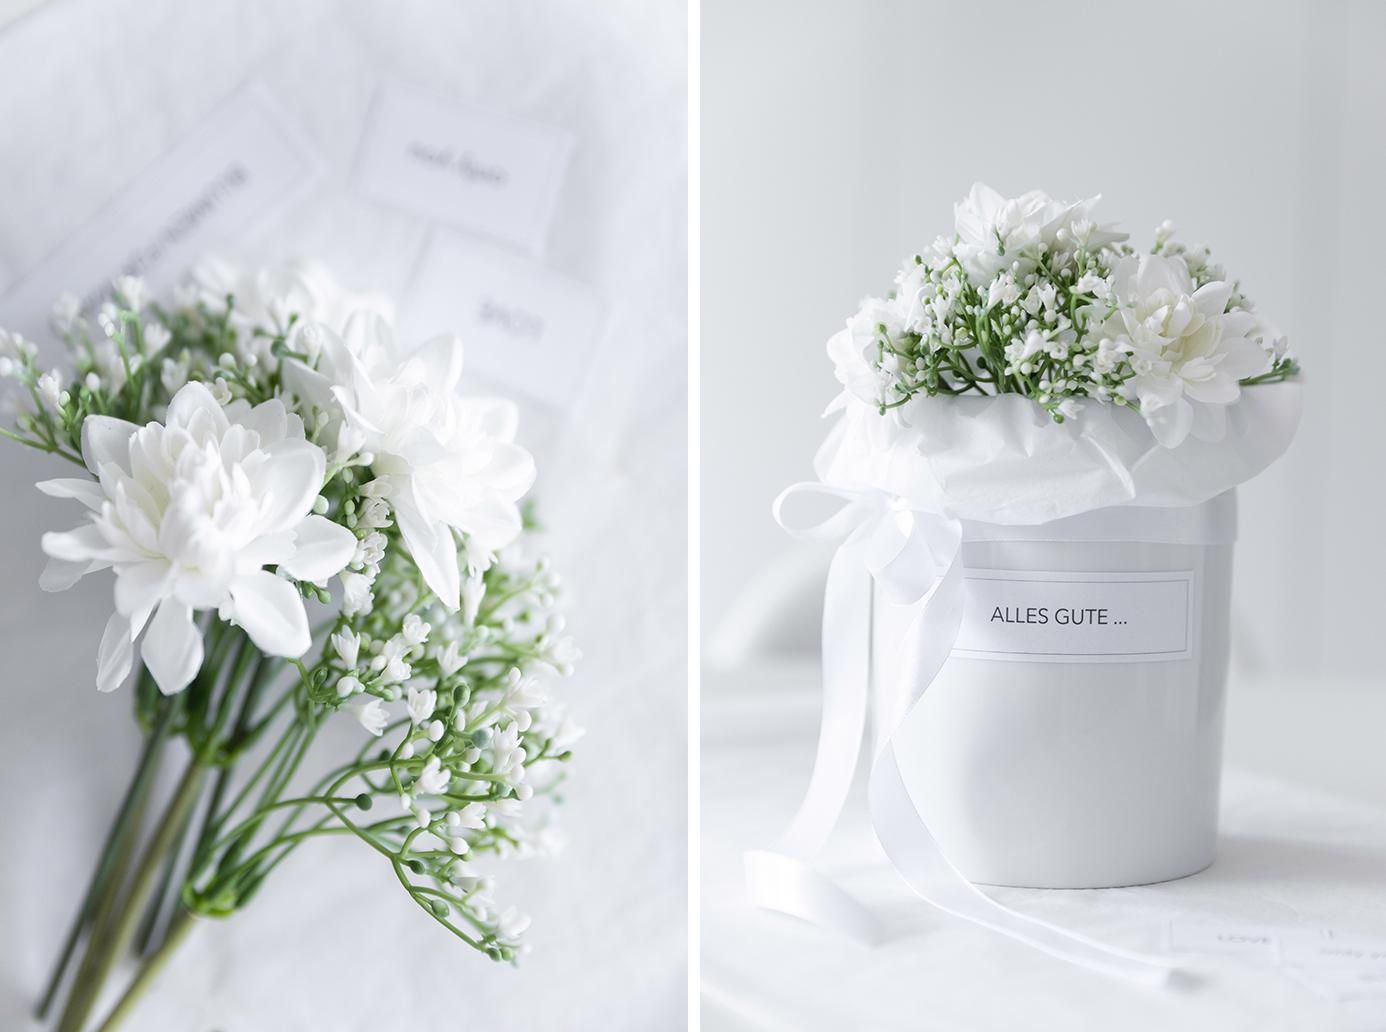 DIY Blumenschachtel im Zylinder